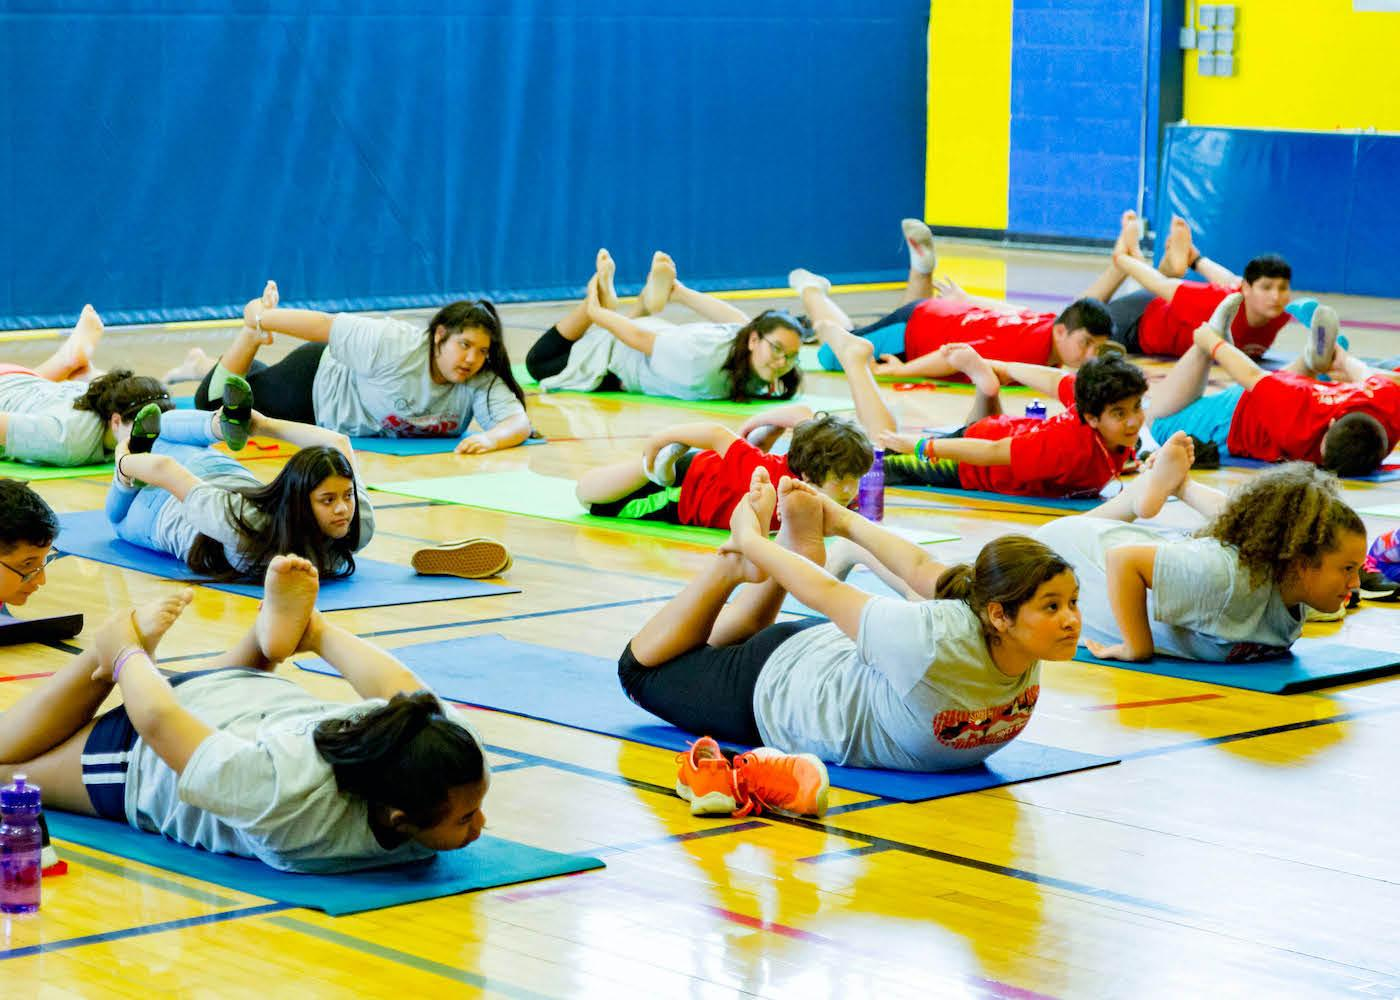 Children exercising on mattresses